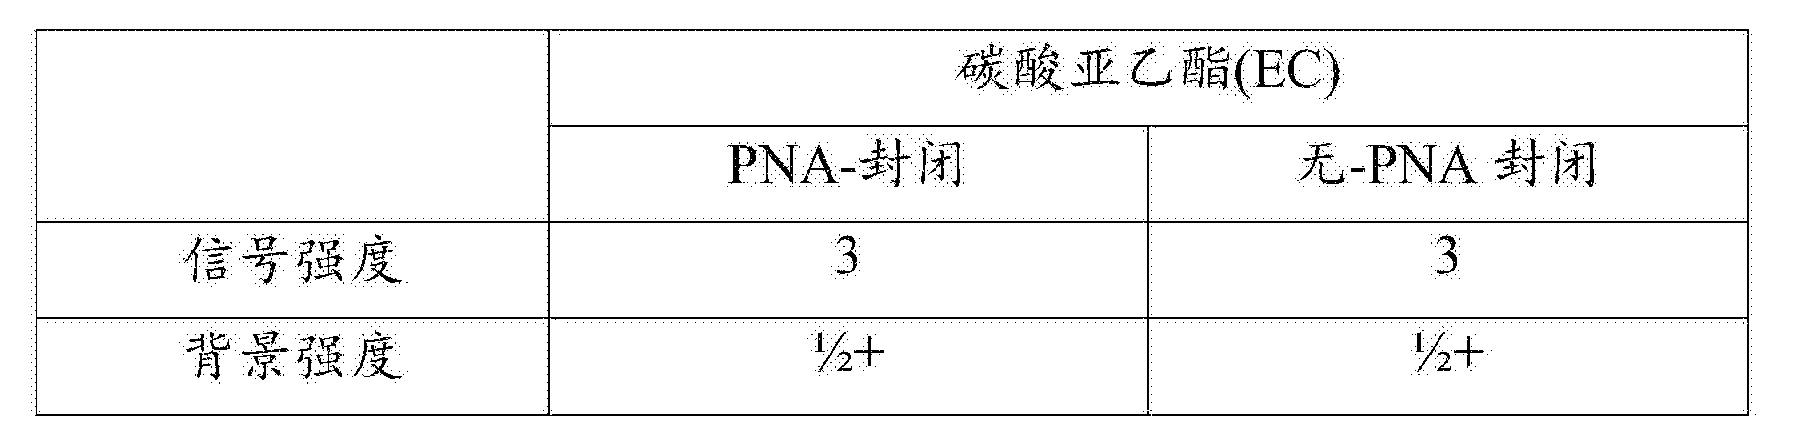 Figure CN102046808BD00403